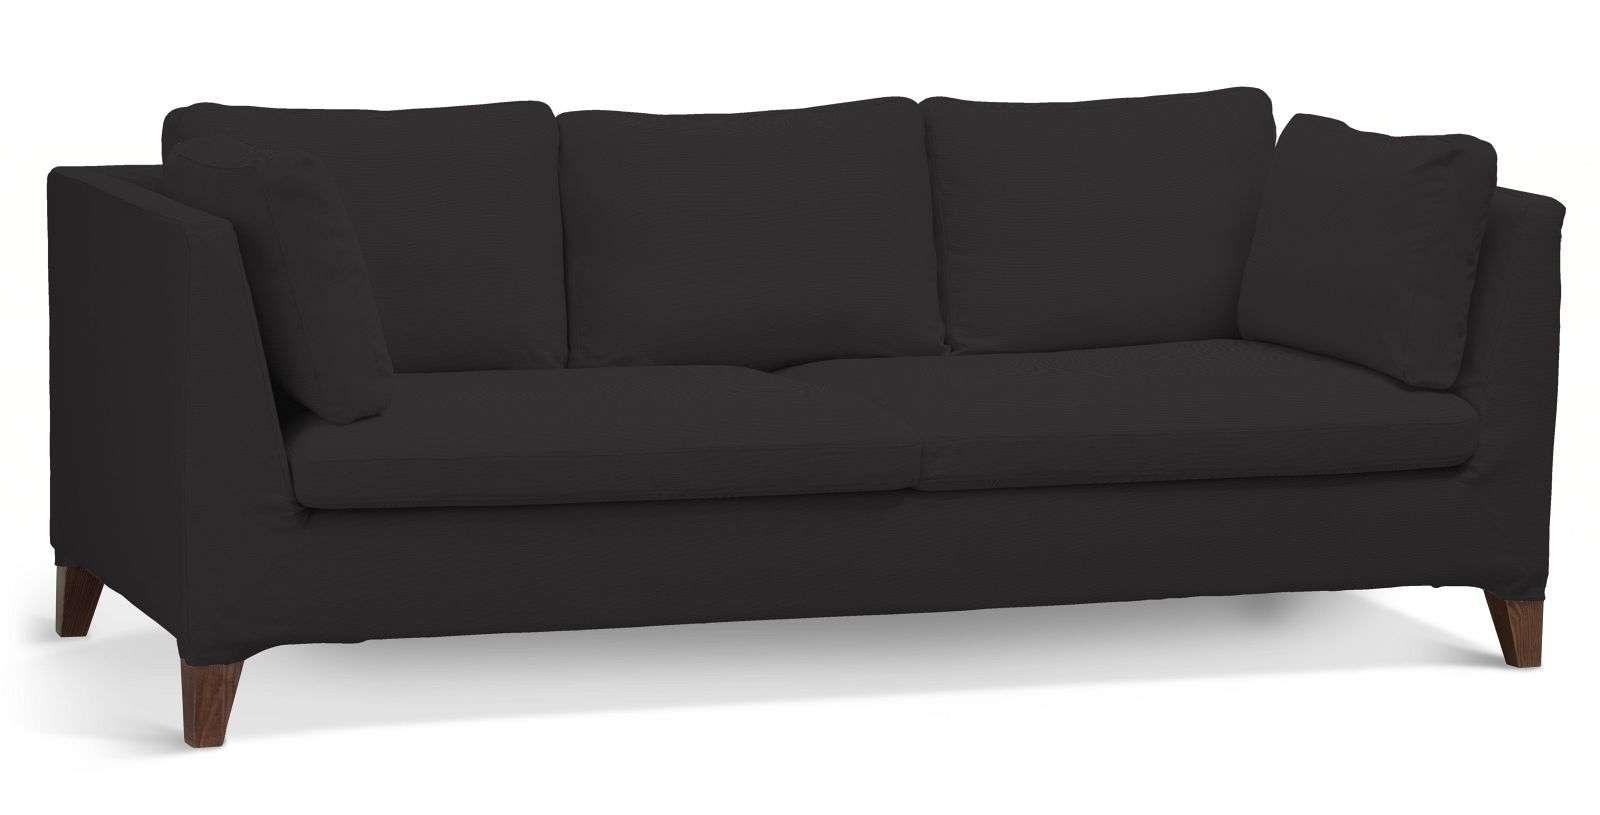 Pokrowiec na sofę Stockholm 3-osobową sofa Stockholm 3-osobowa w kolekcji Cotton Panama, tkanina: 702-08